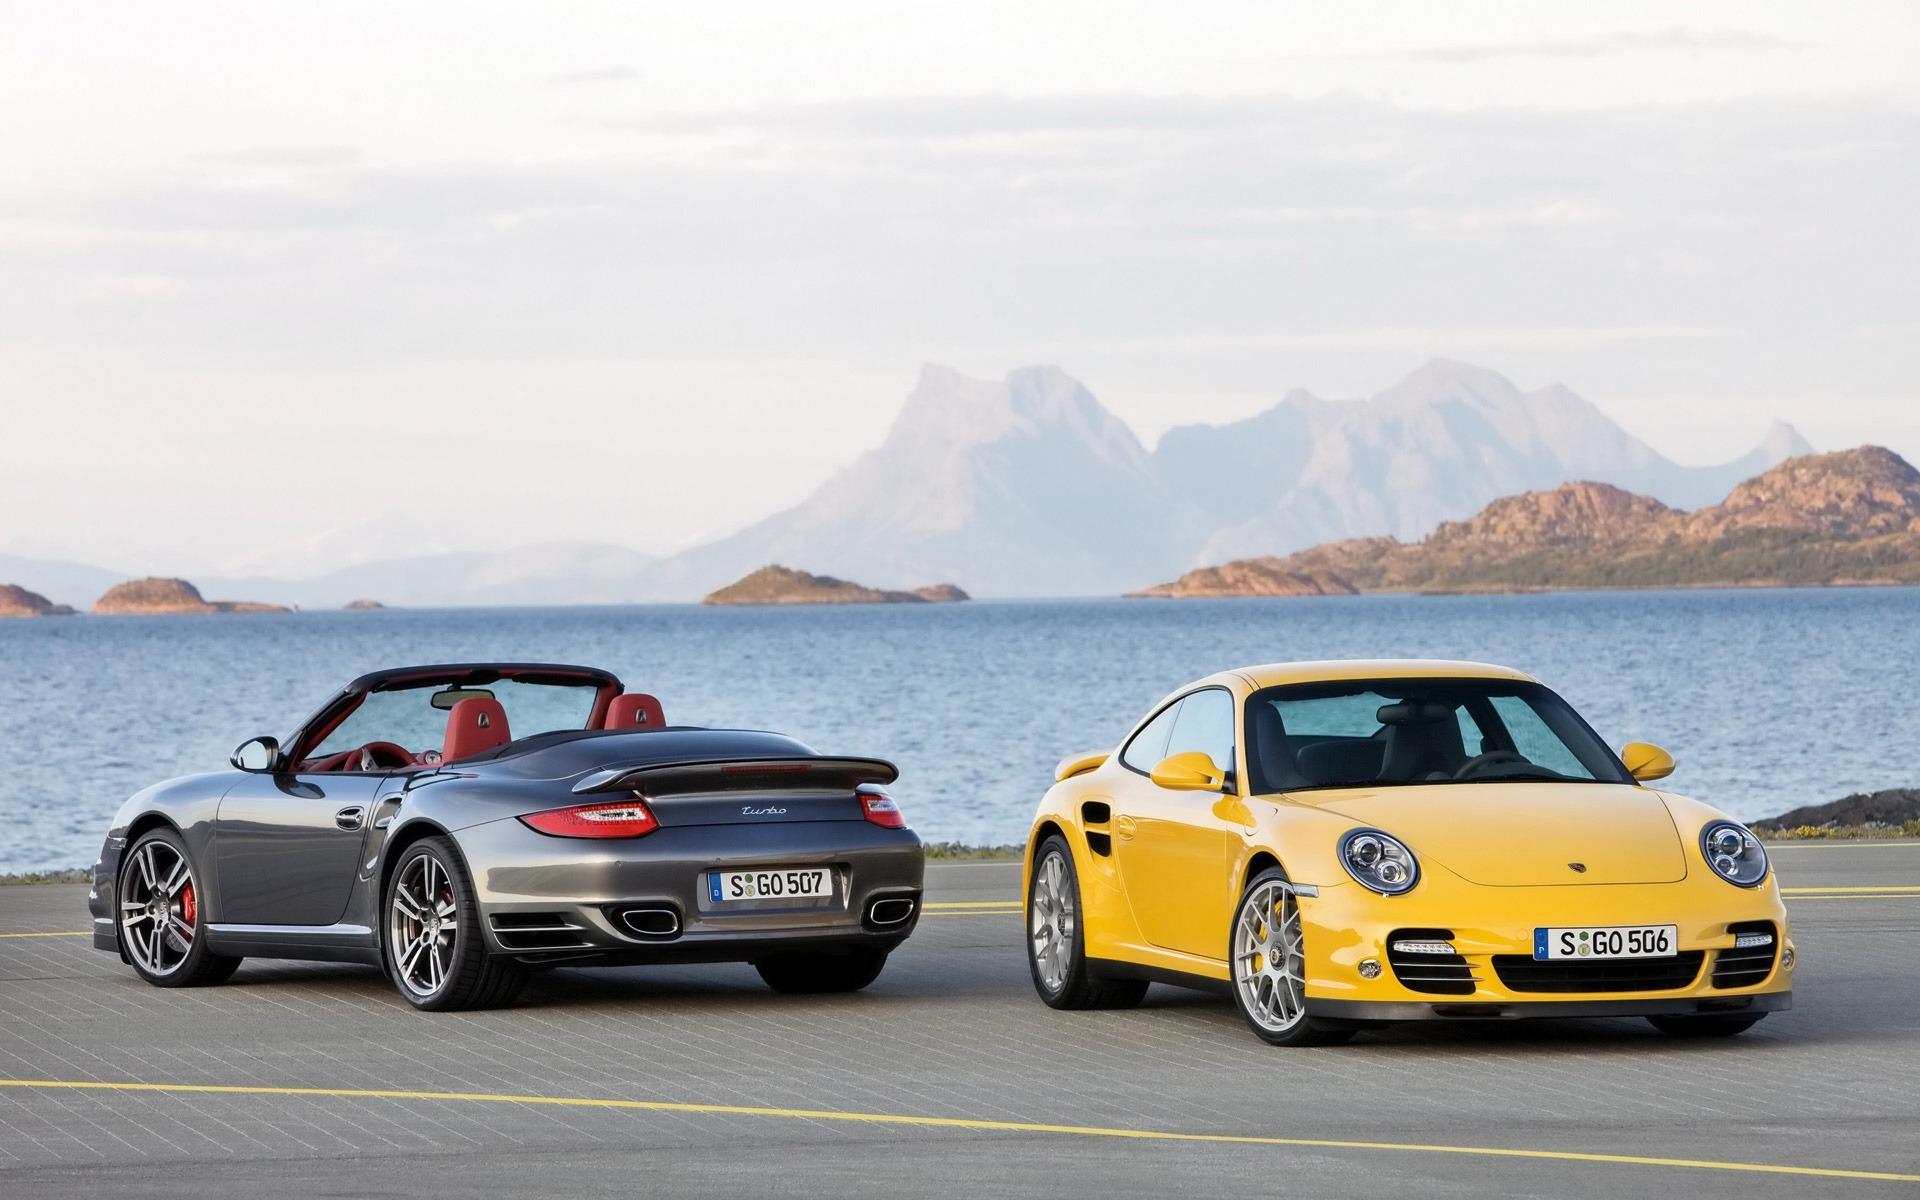 porsche wallpaper widescreen wallpapers desktop cars turbo - Porsche Wallpapers For Desktop